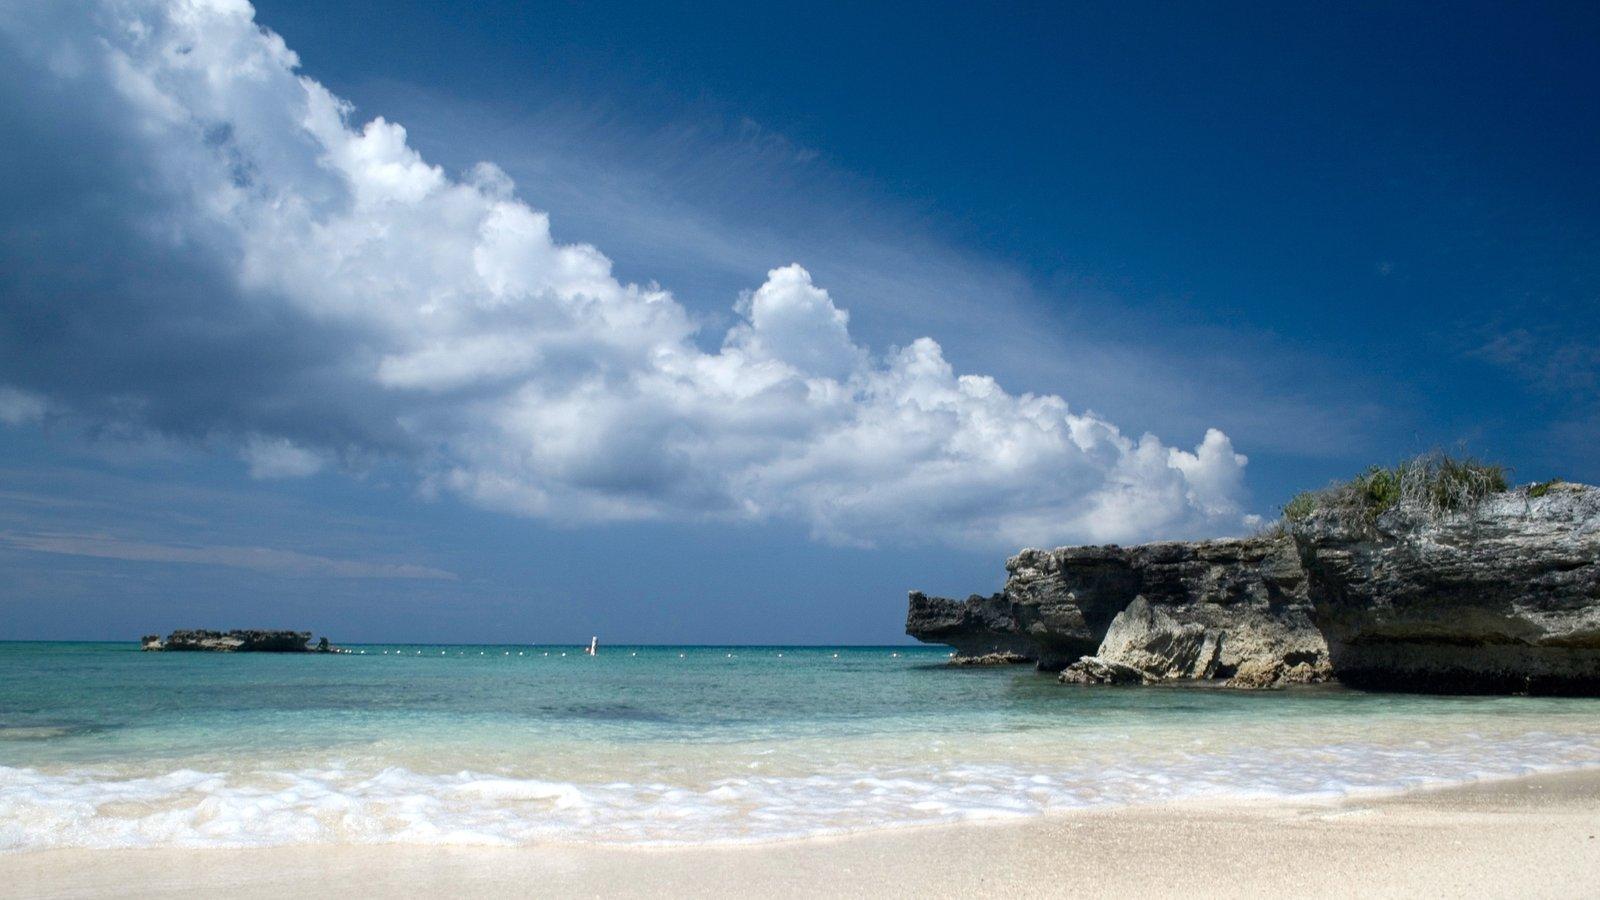 Cayman Islands Photos Beaches